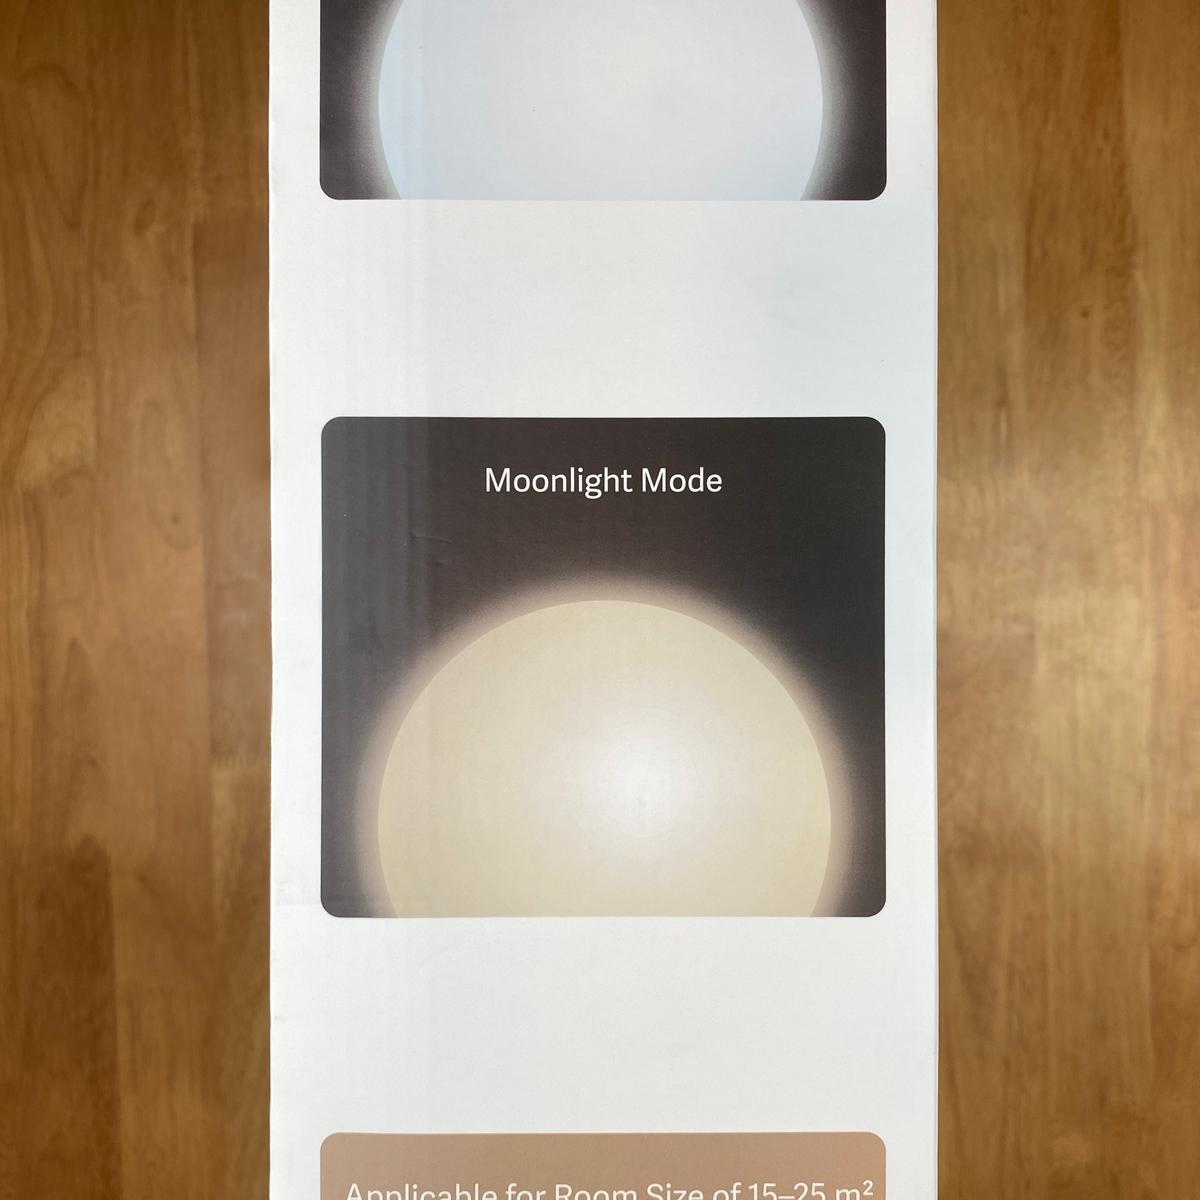 [评测]小米米家智能LED吸顶灯450插图3